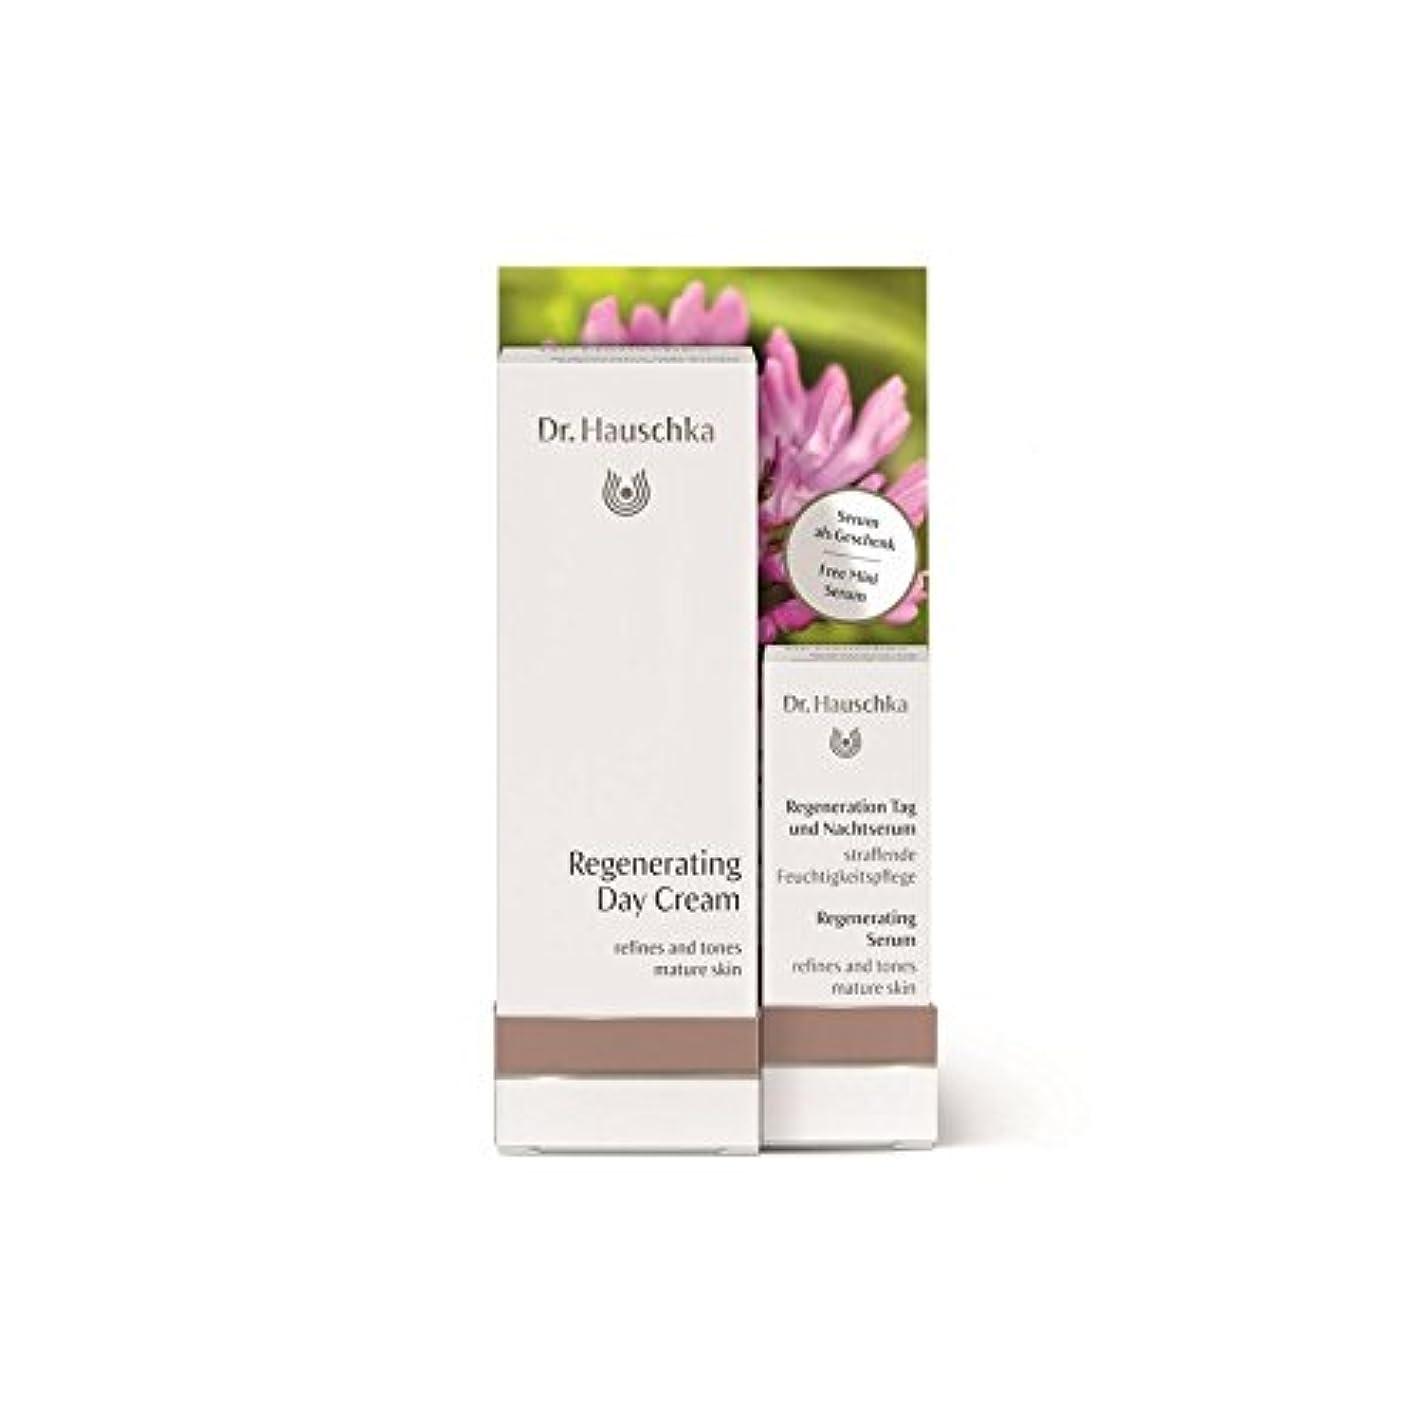 カーフ感じ農業のDr. Hauschka Regenerating Day Cream with a free Regenerating Serum 2.5ml - 無料再生血清2.5ミリリットルとハウシュカ再生デイクリーム [並行輸入品]